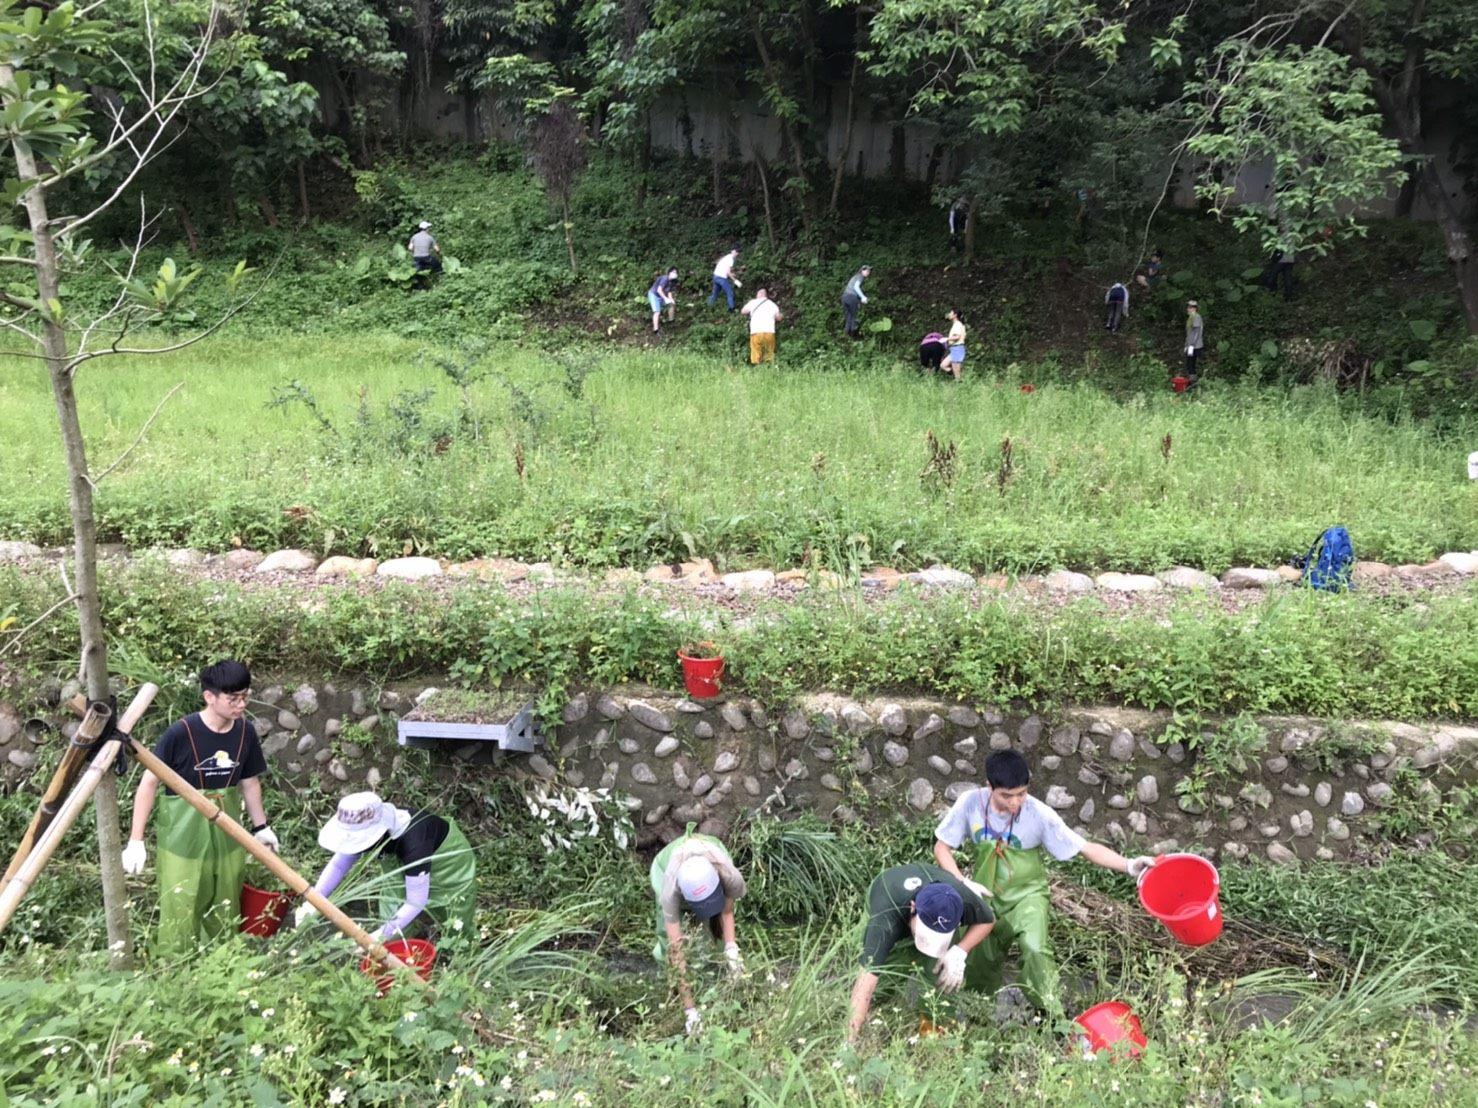 25.荒野協會清除外來種